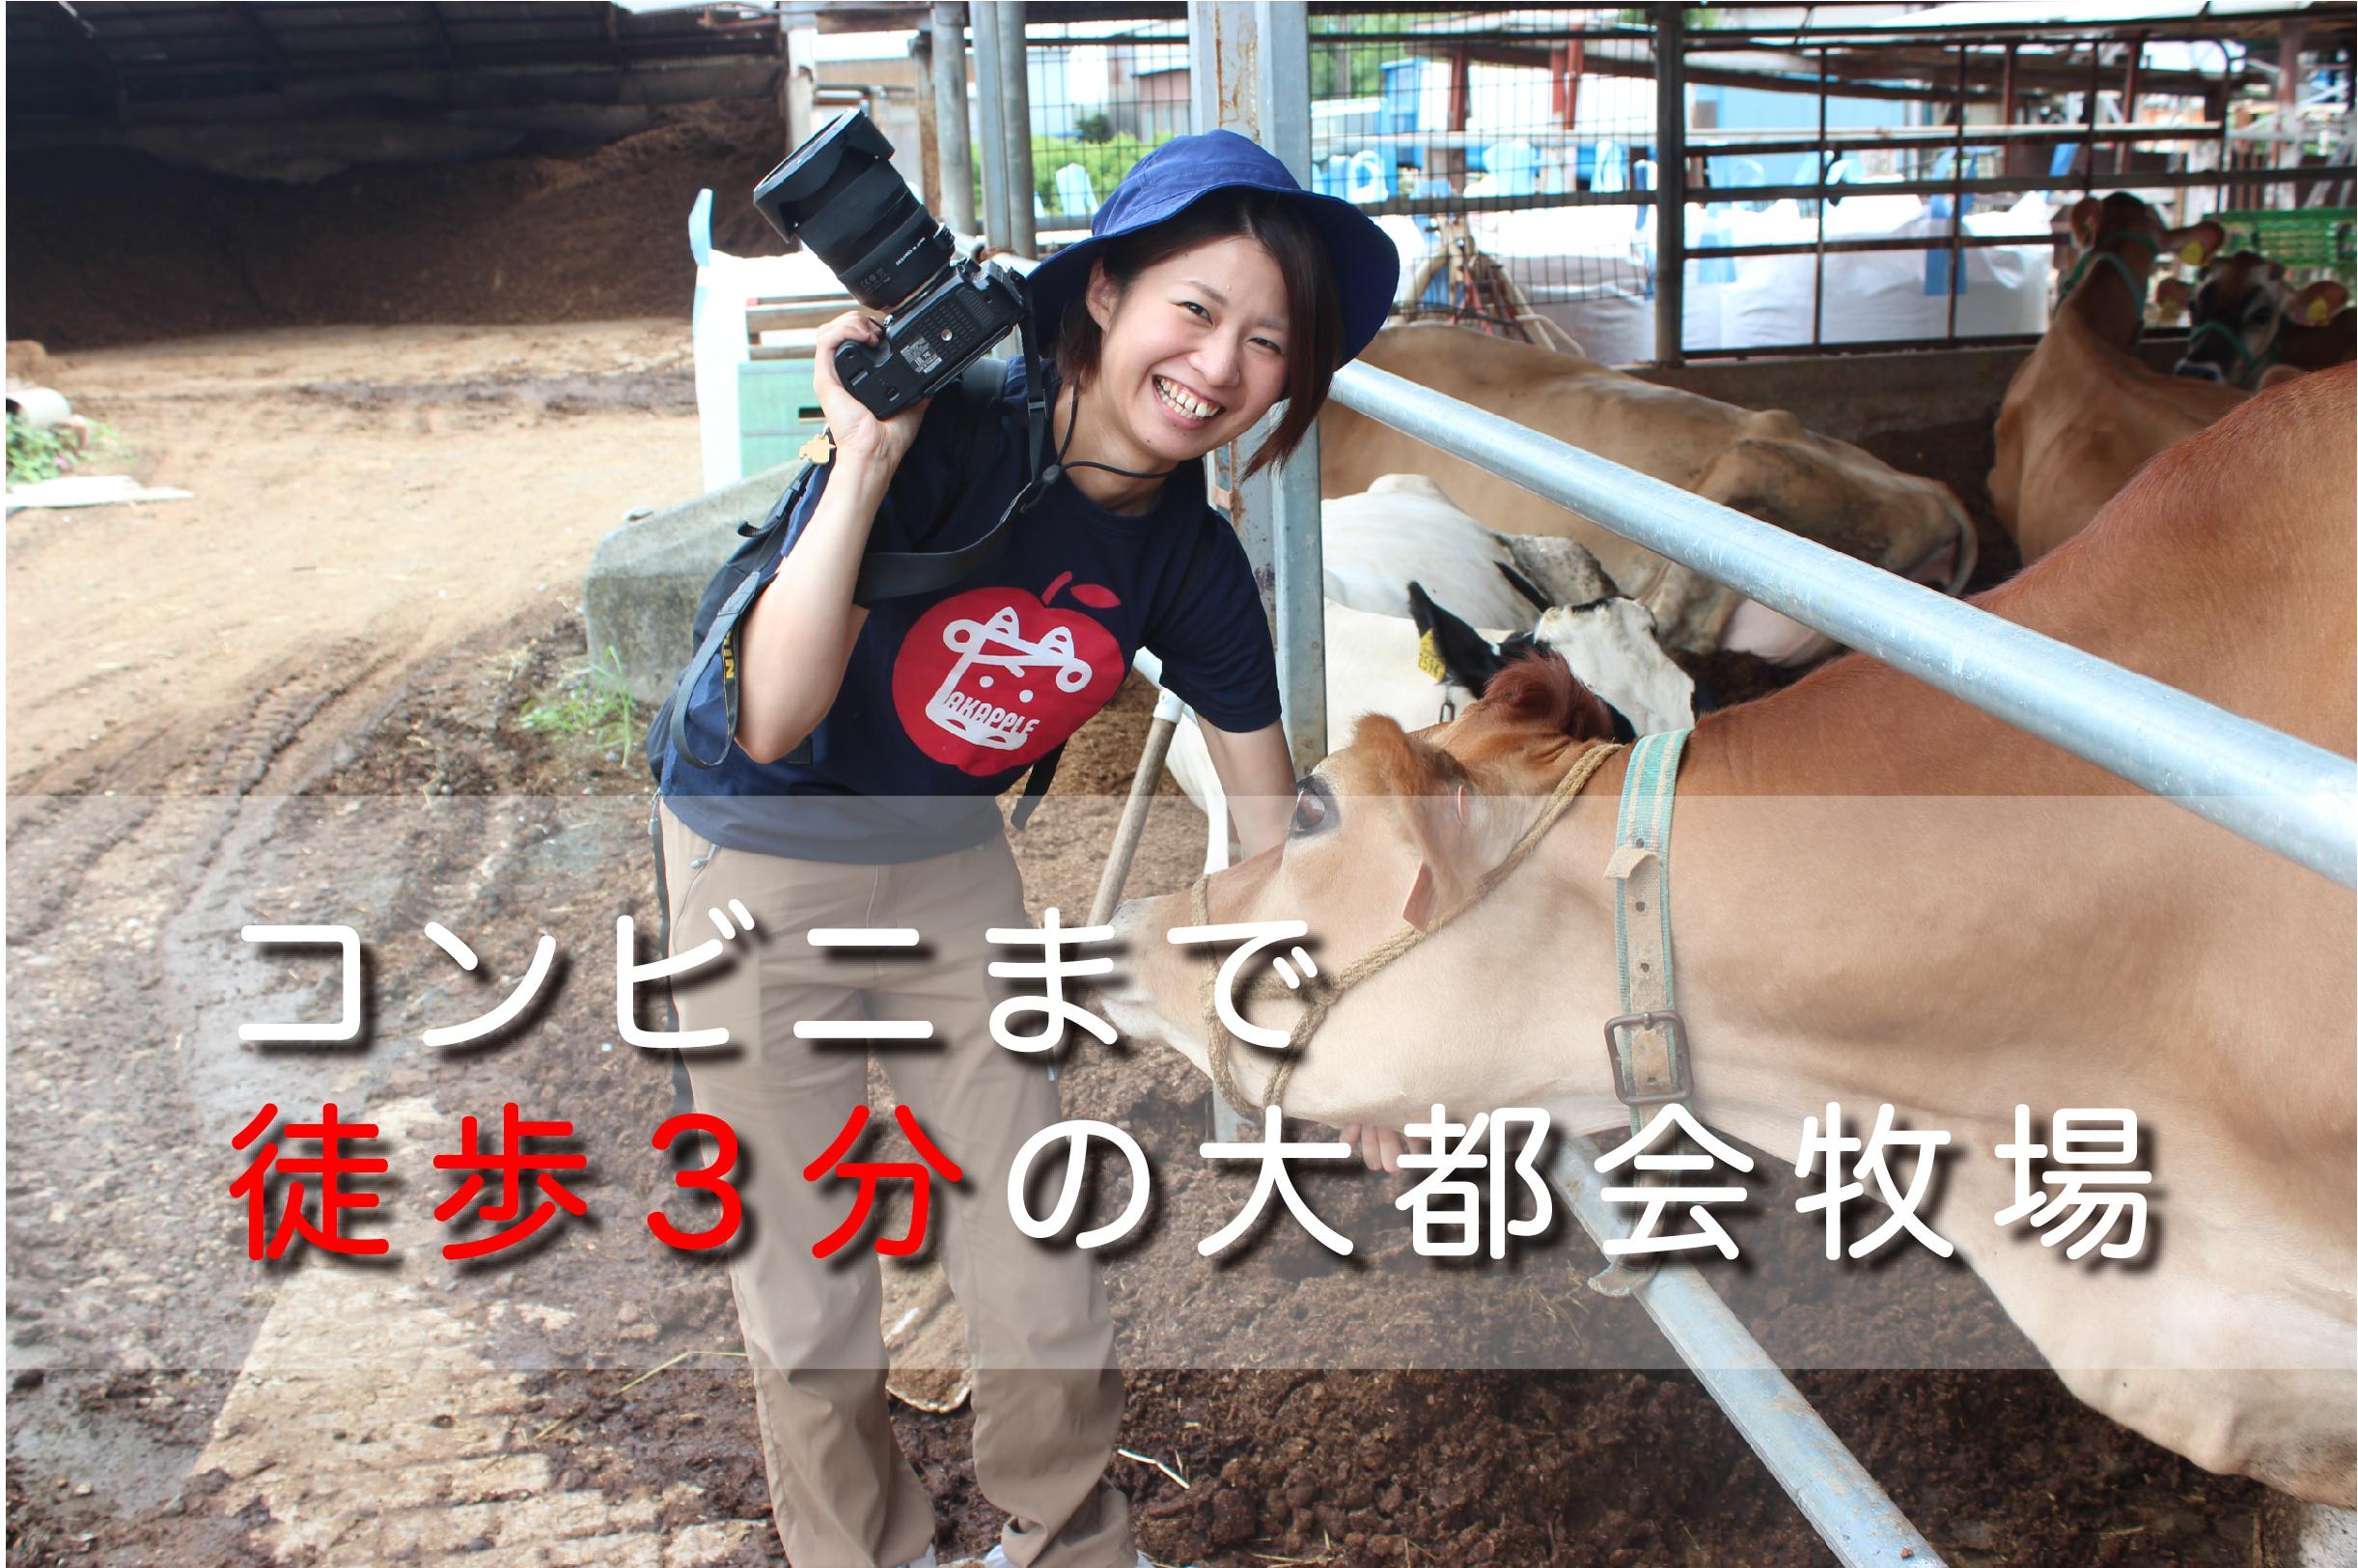 大都会!!コンビニまで徒歩3分!|日本一周農家旅 片倉牧場 in 神奈川県平塚